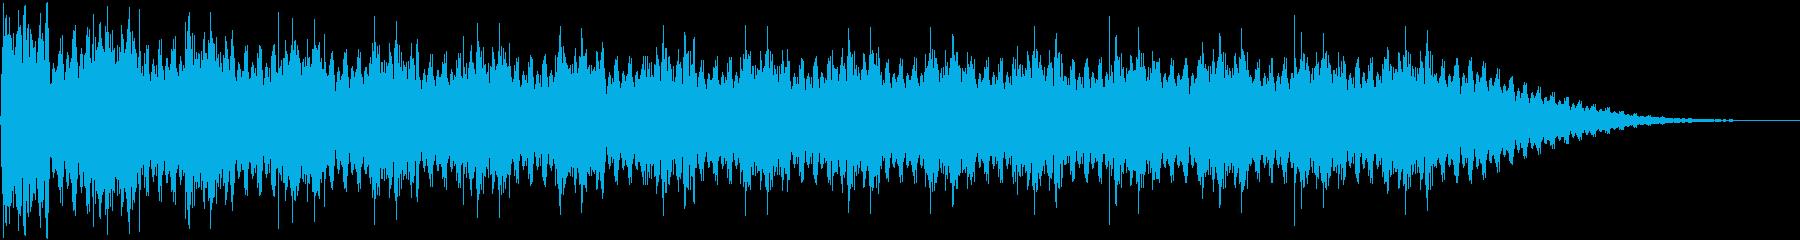 2トーンサイレンスペースアラーム迅...の再生済みの波形